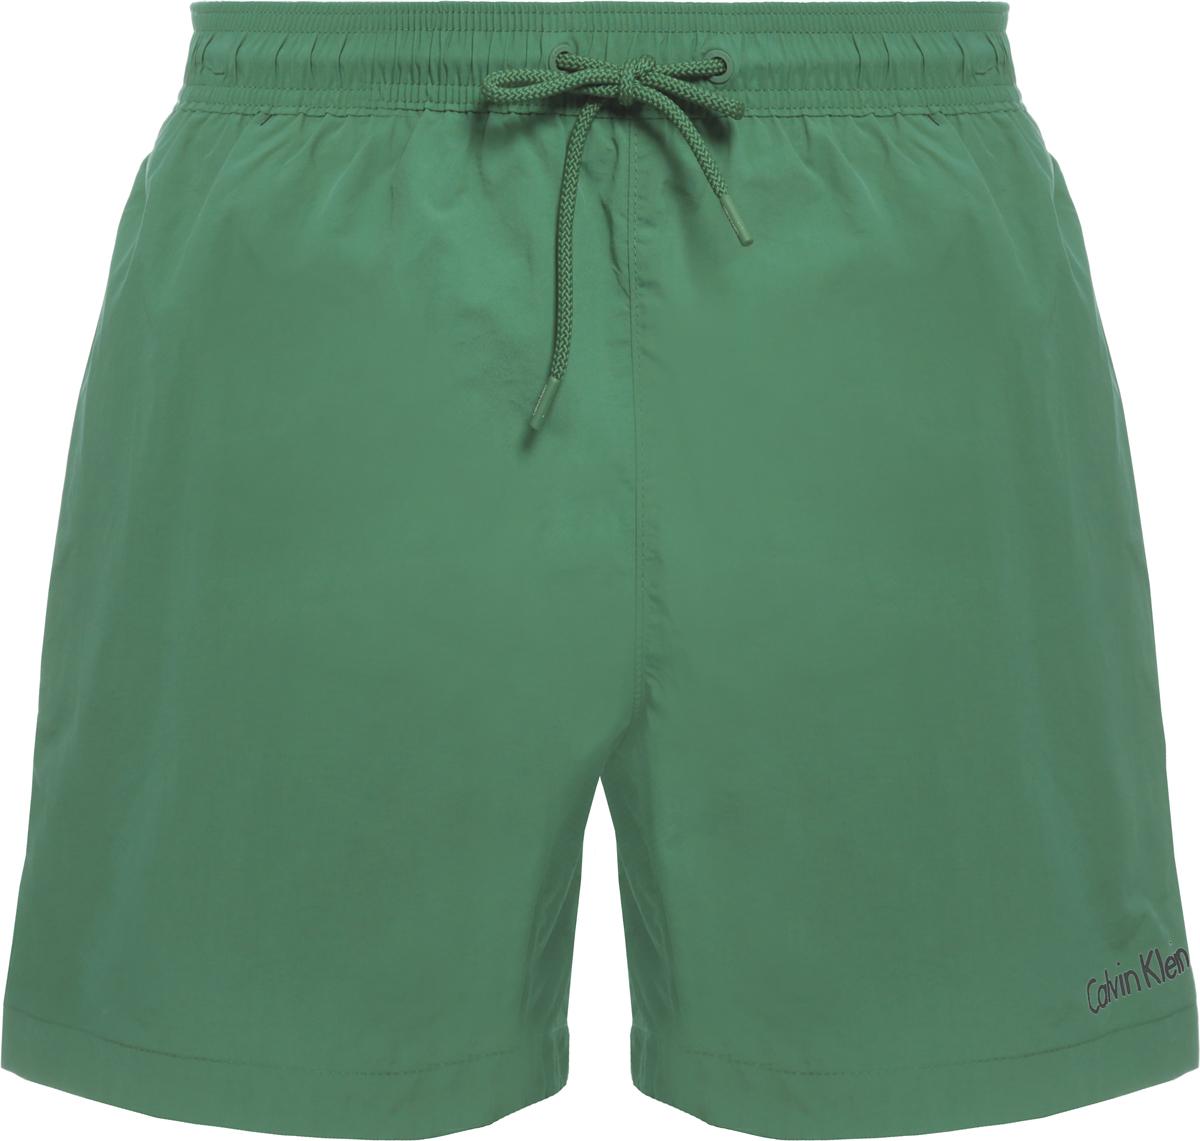 Шорты купальные мужские Calvin Klein Underwear, цвет: зеленый. KM0KM00163. Размер L (50)KM0KM00163Шорты купальные мужские Calvin Klein Underwear выполнены из полиамида. Модель дополнена затягивающимся шнурком.